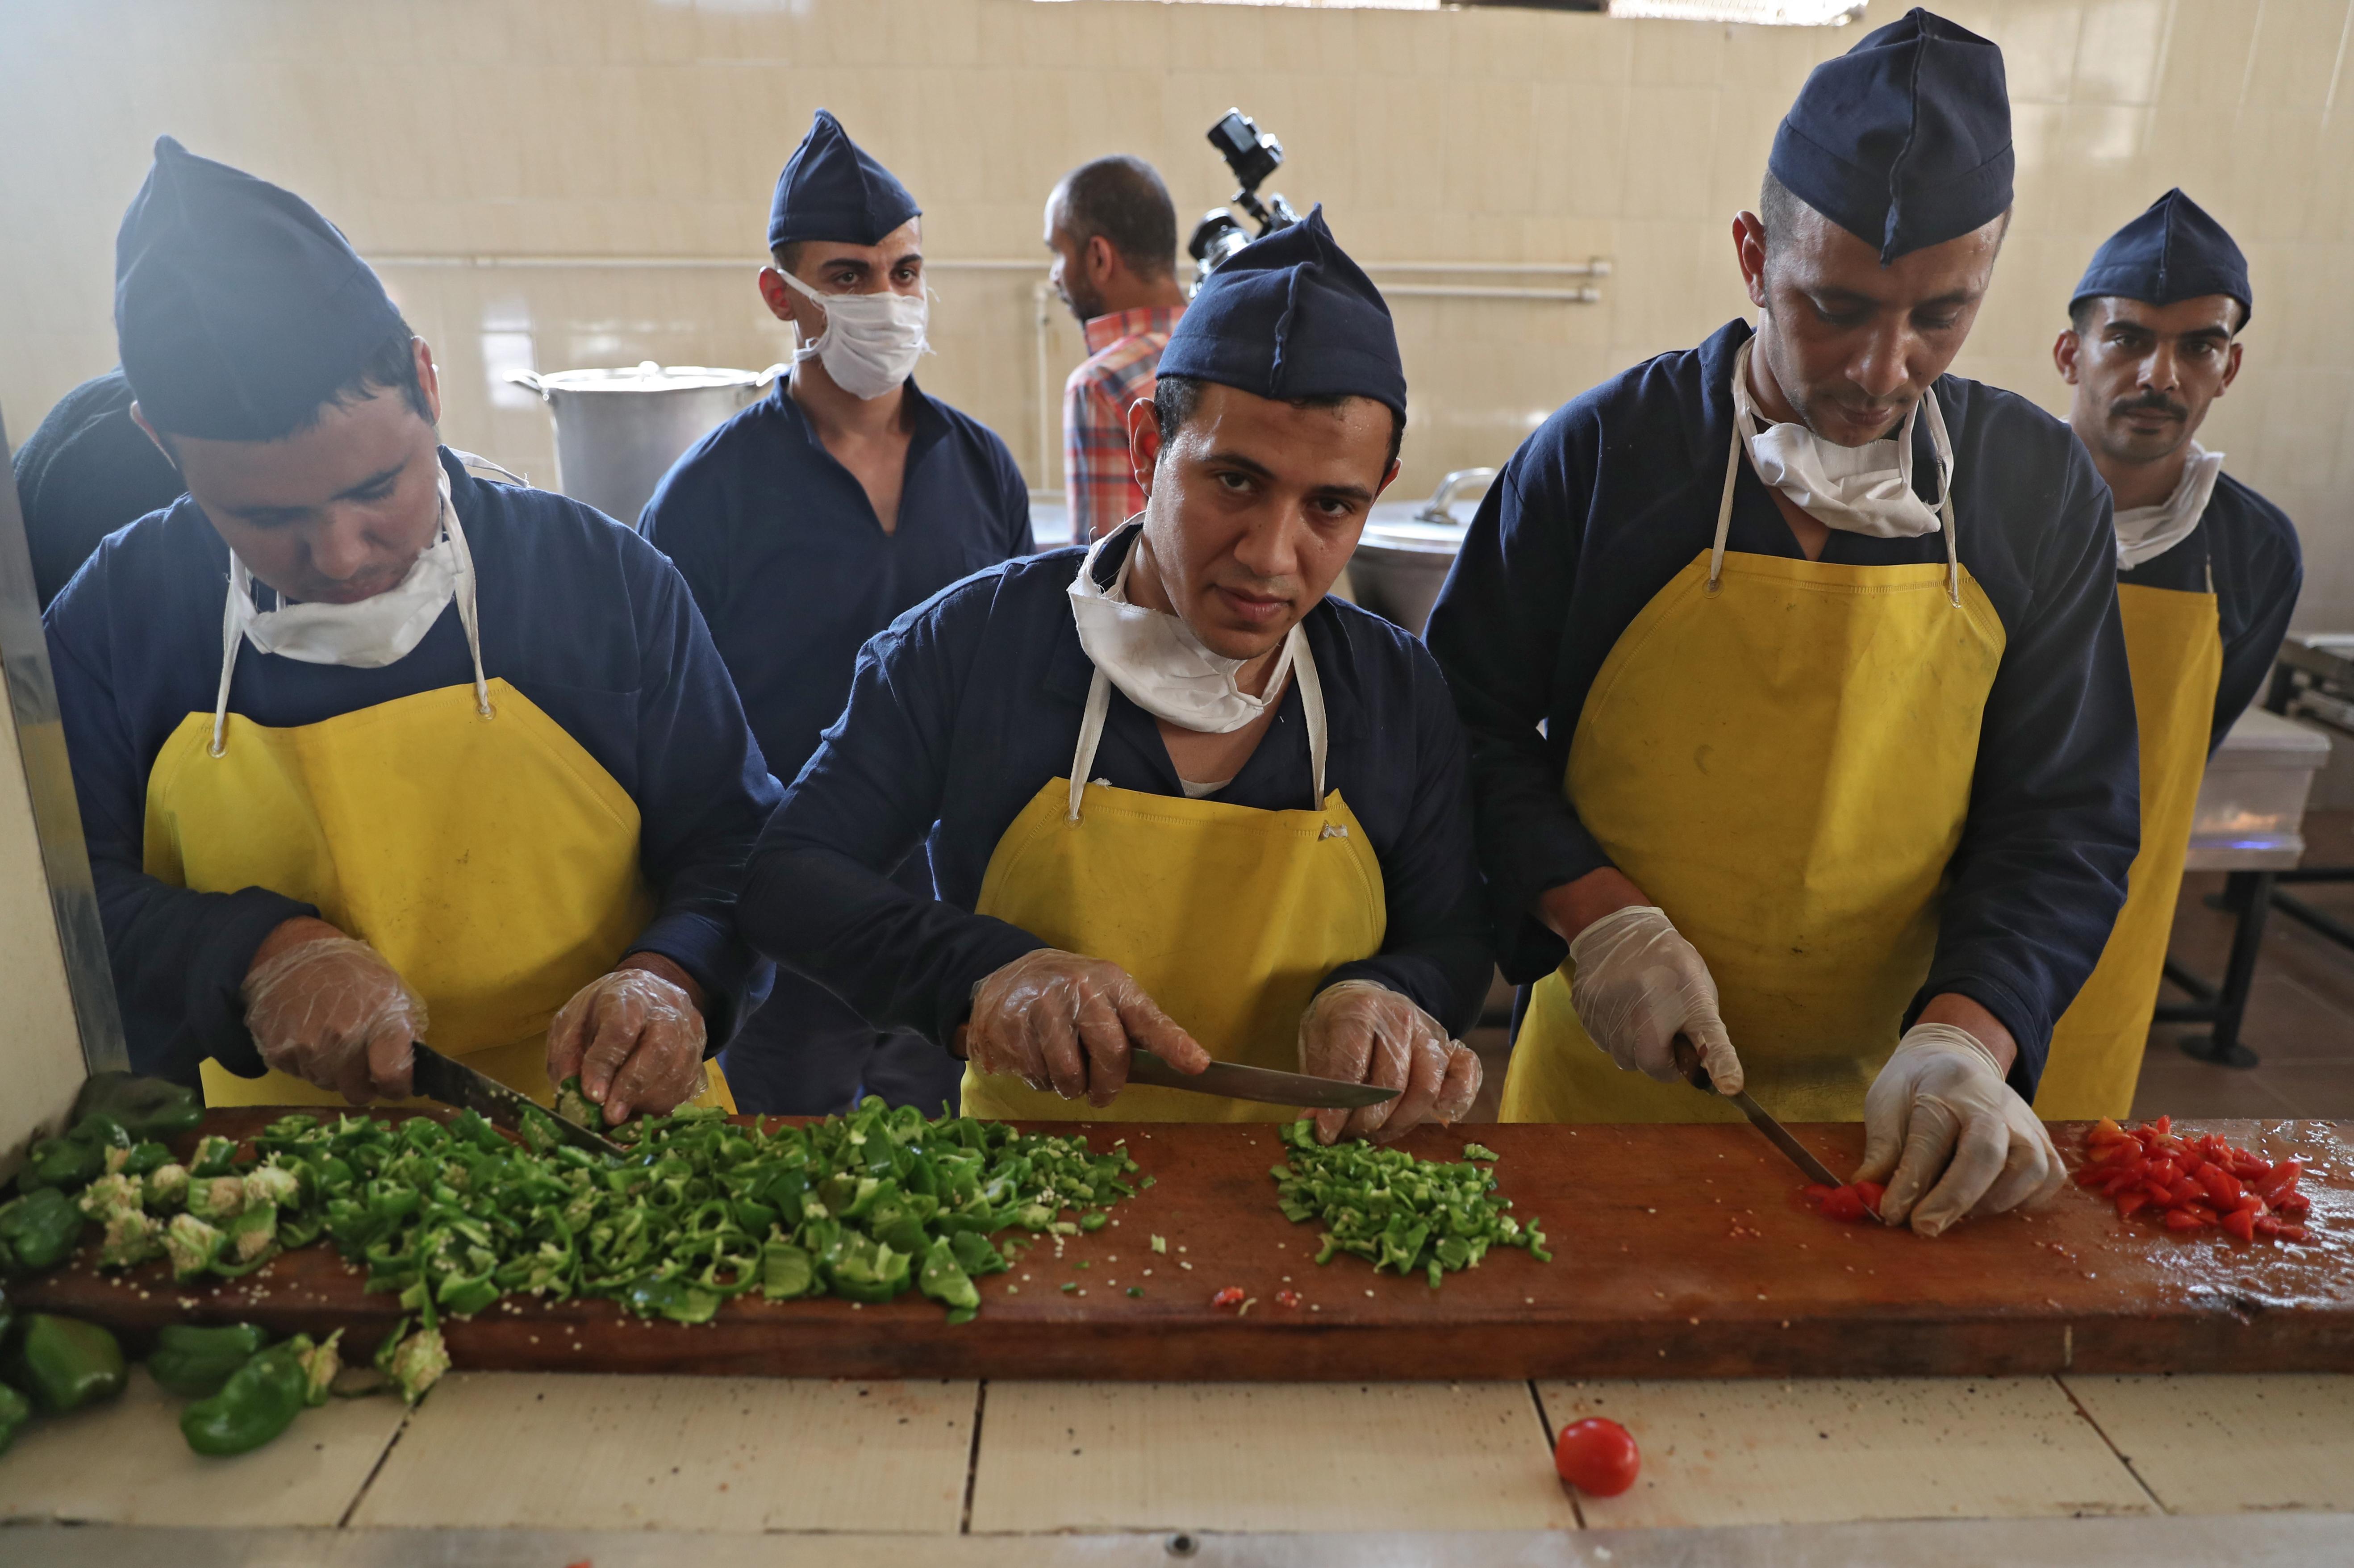 مساجين آخرون أثناء إعدادهم الطعام بينما يزورهم الوفد الإعلامي -11 نوفمبر 2019